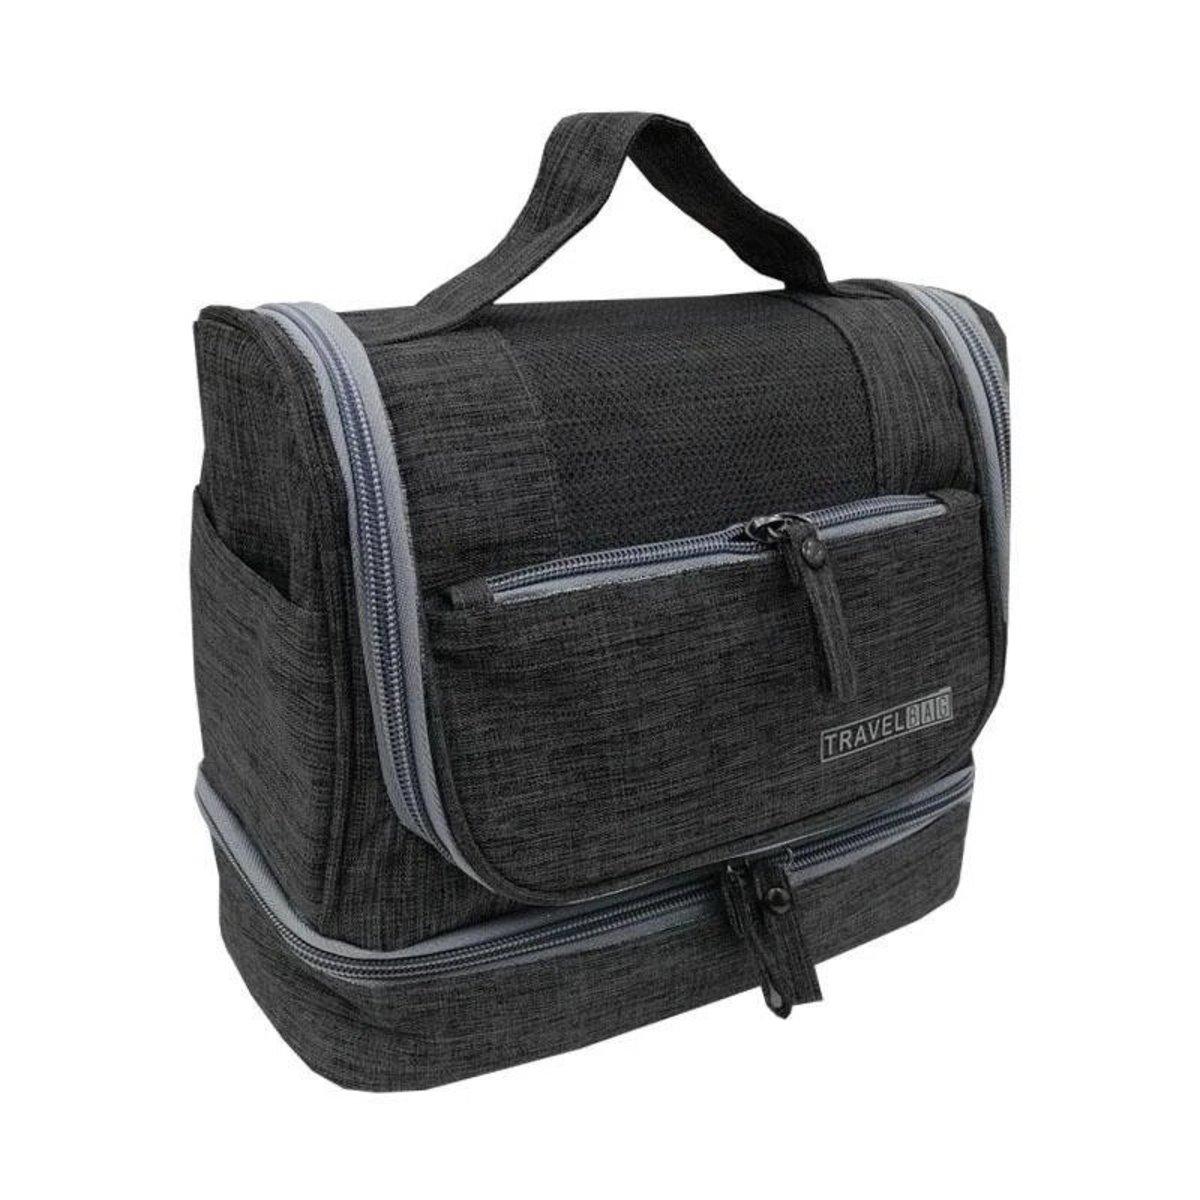 旅行防水懸掛收納袋 - 黑色